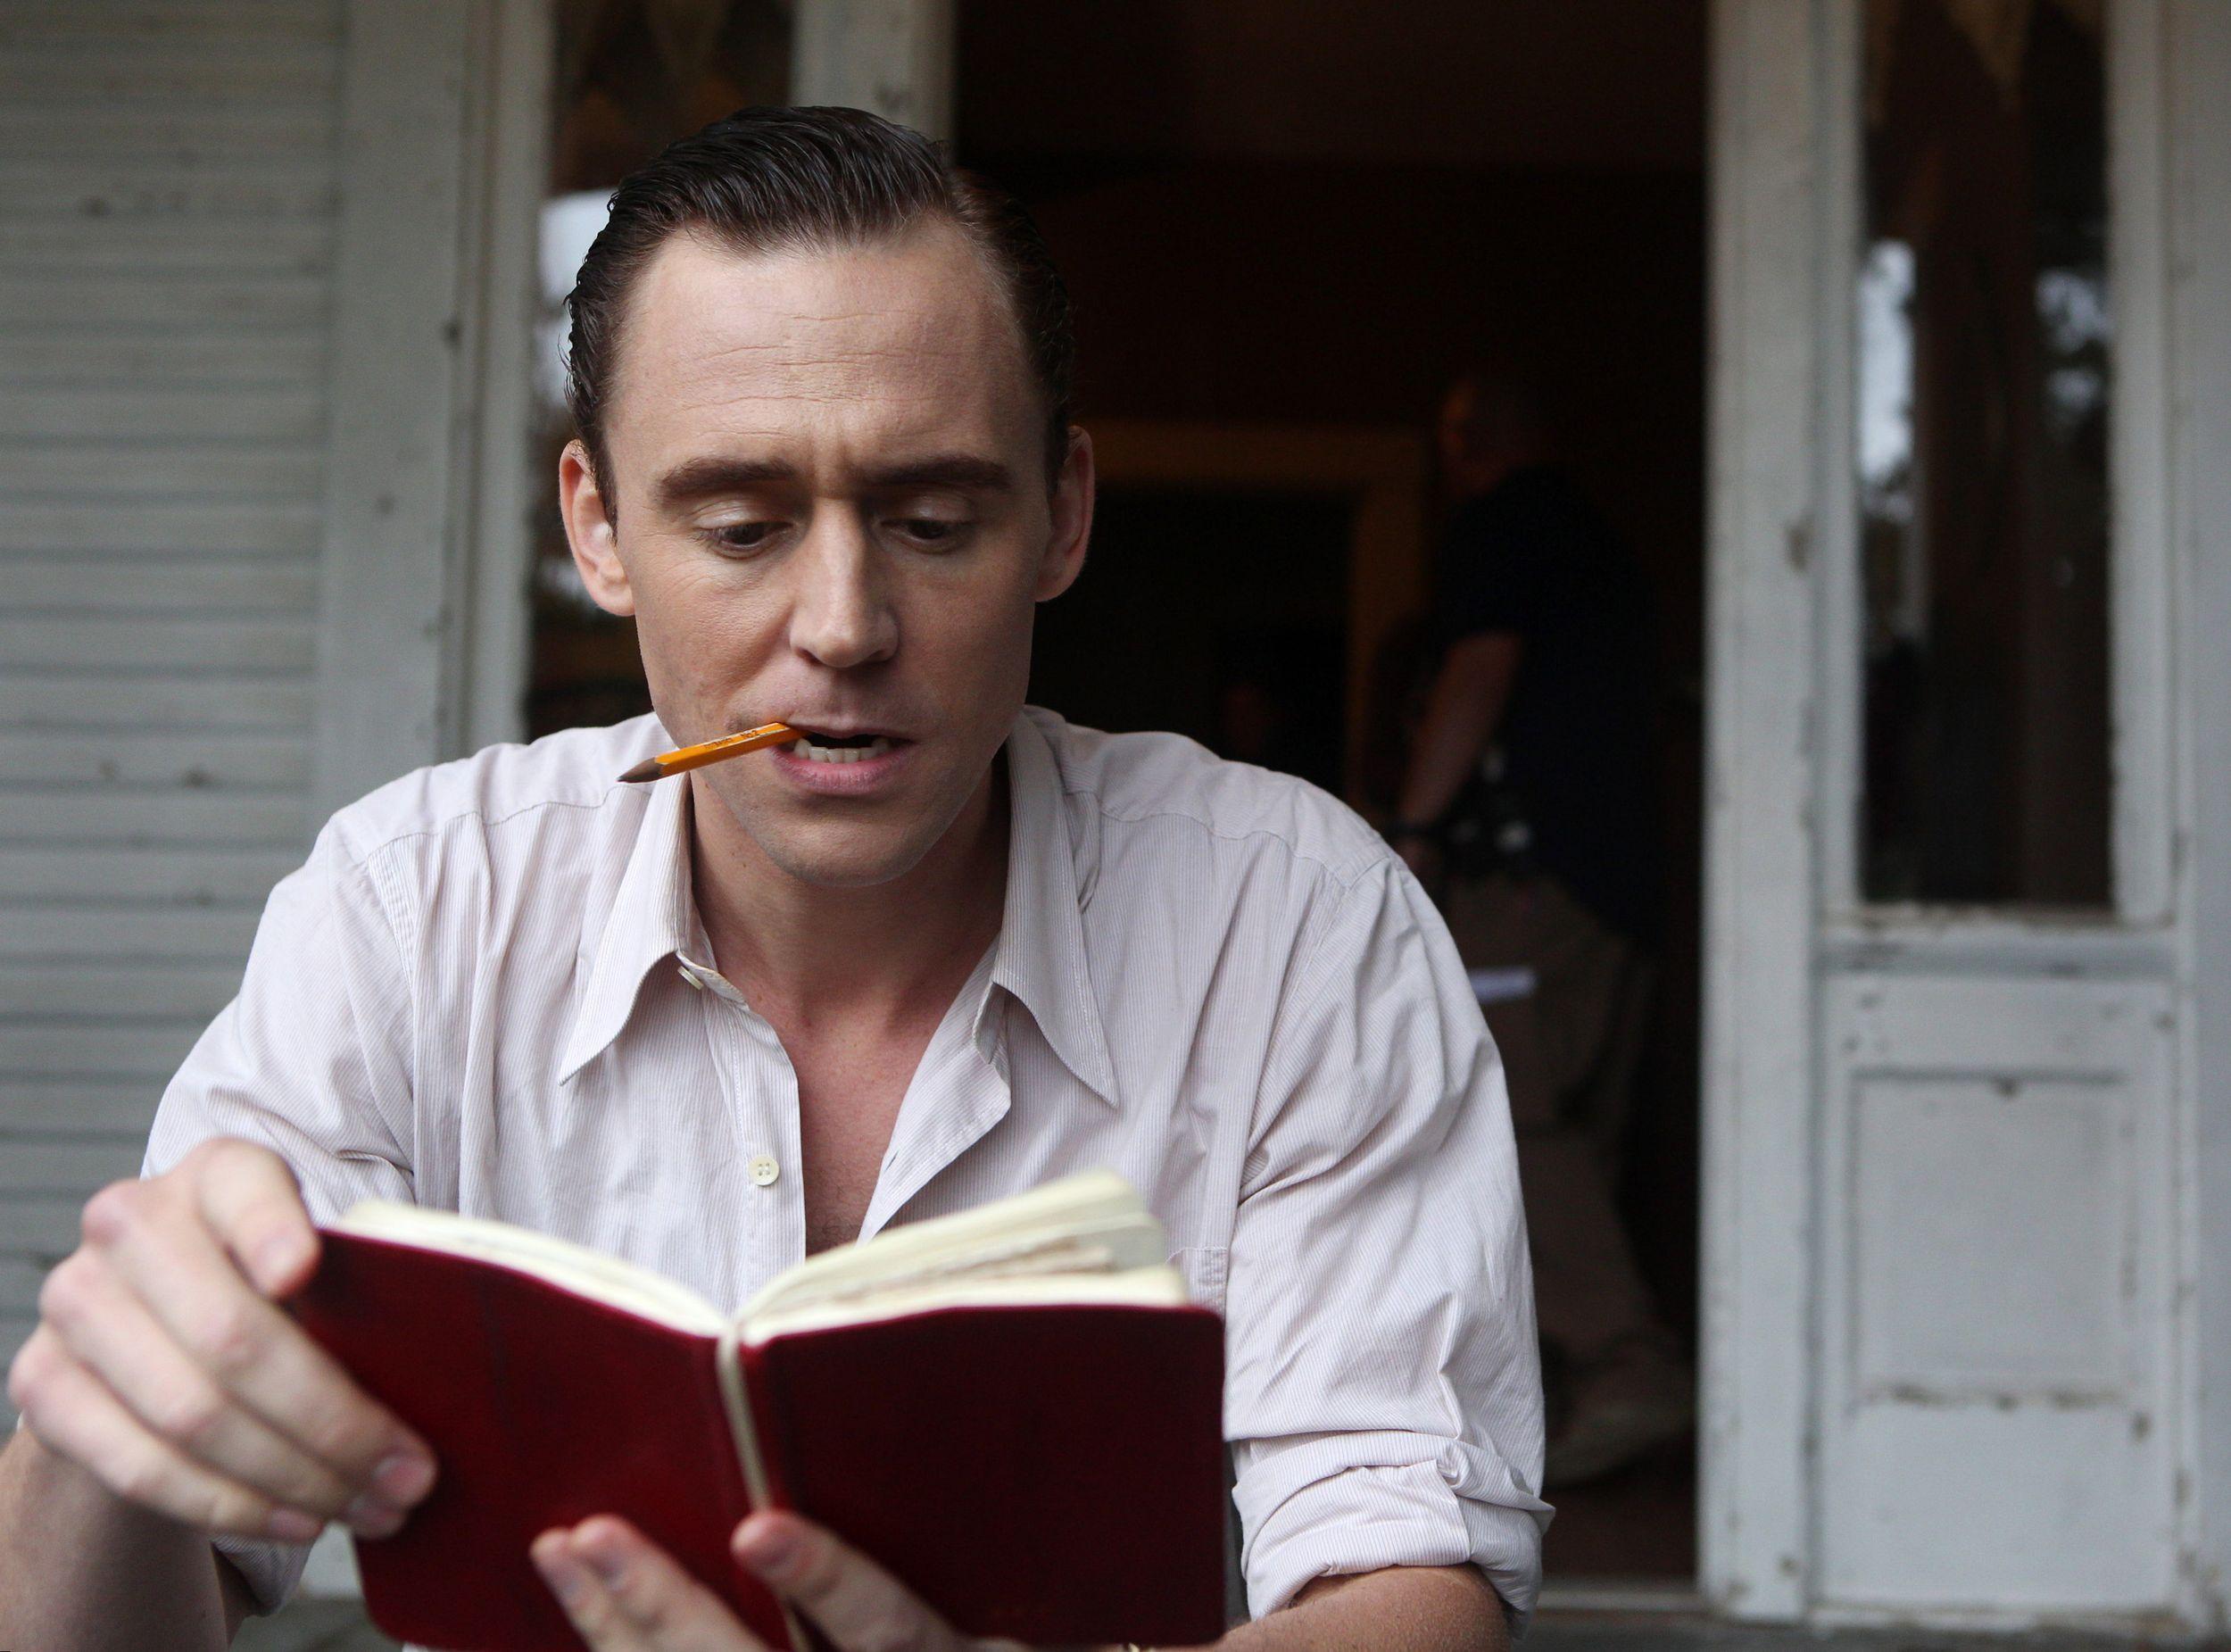 Как поет Билан, «вечерняя грусть в окно постучит ко мне»: 5 книг, которые помогут меньше депрессировать